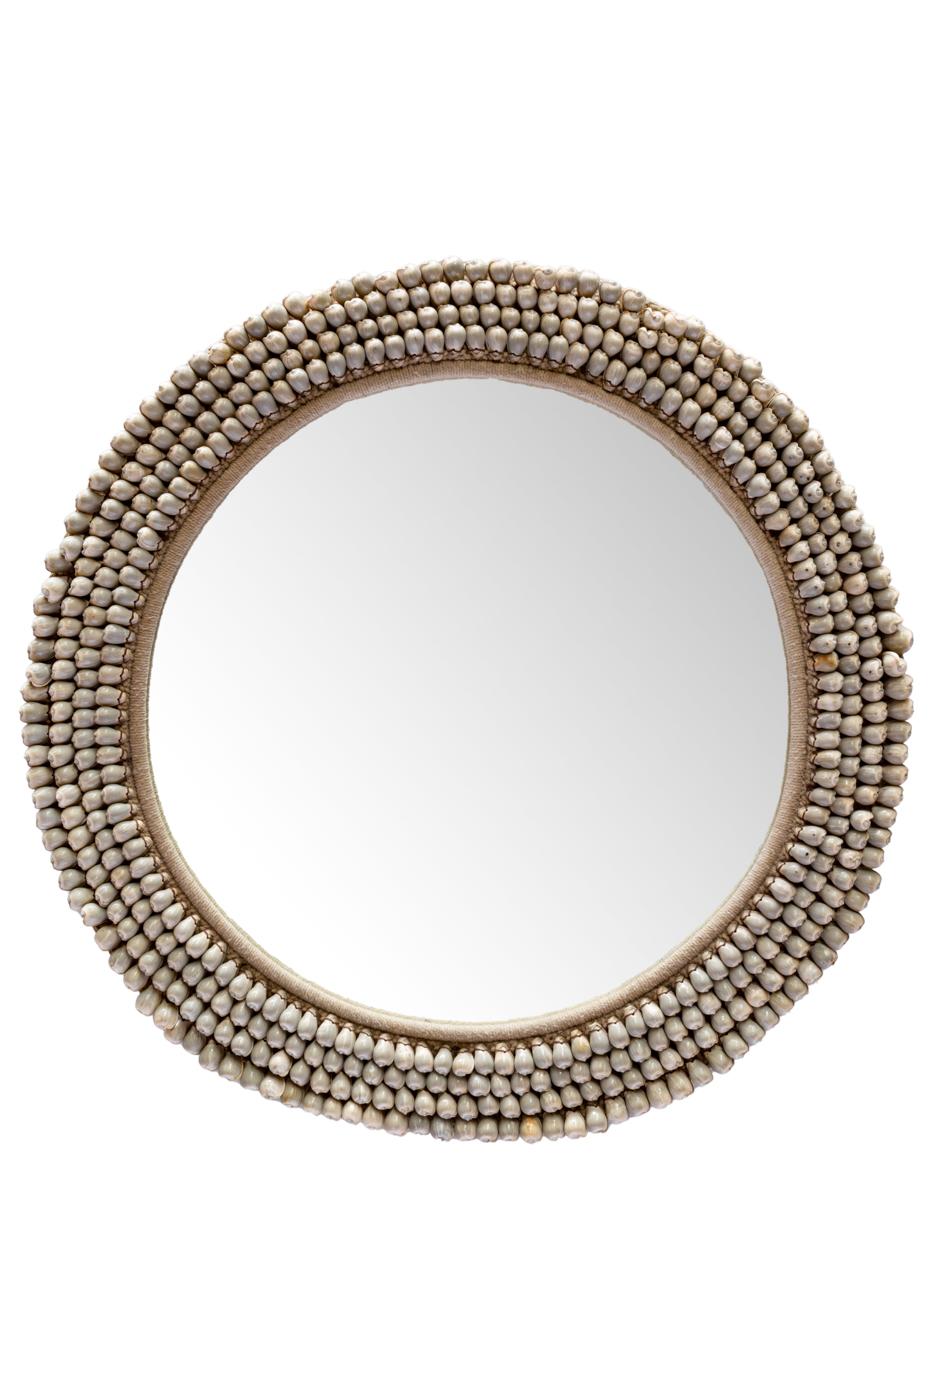 Espejo conchas de caracolitos naturales